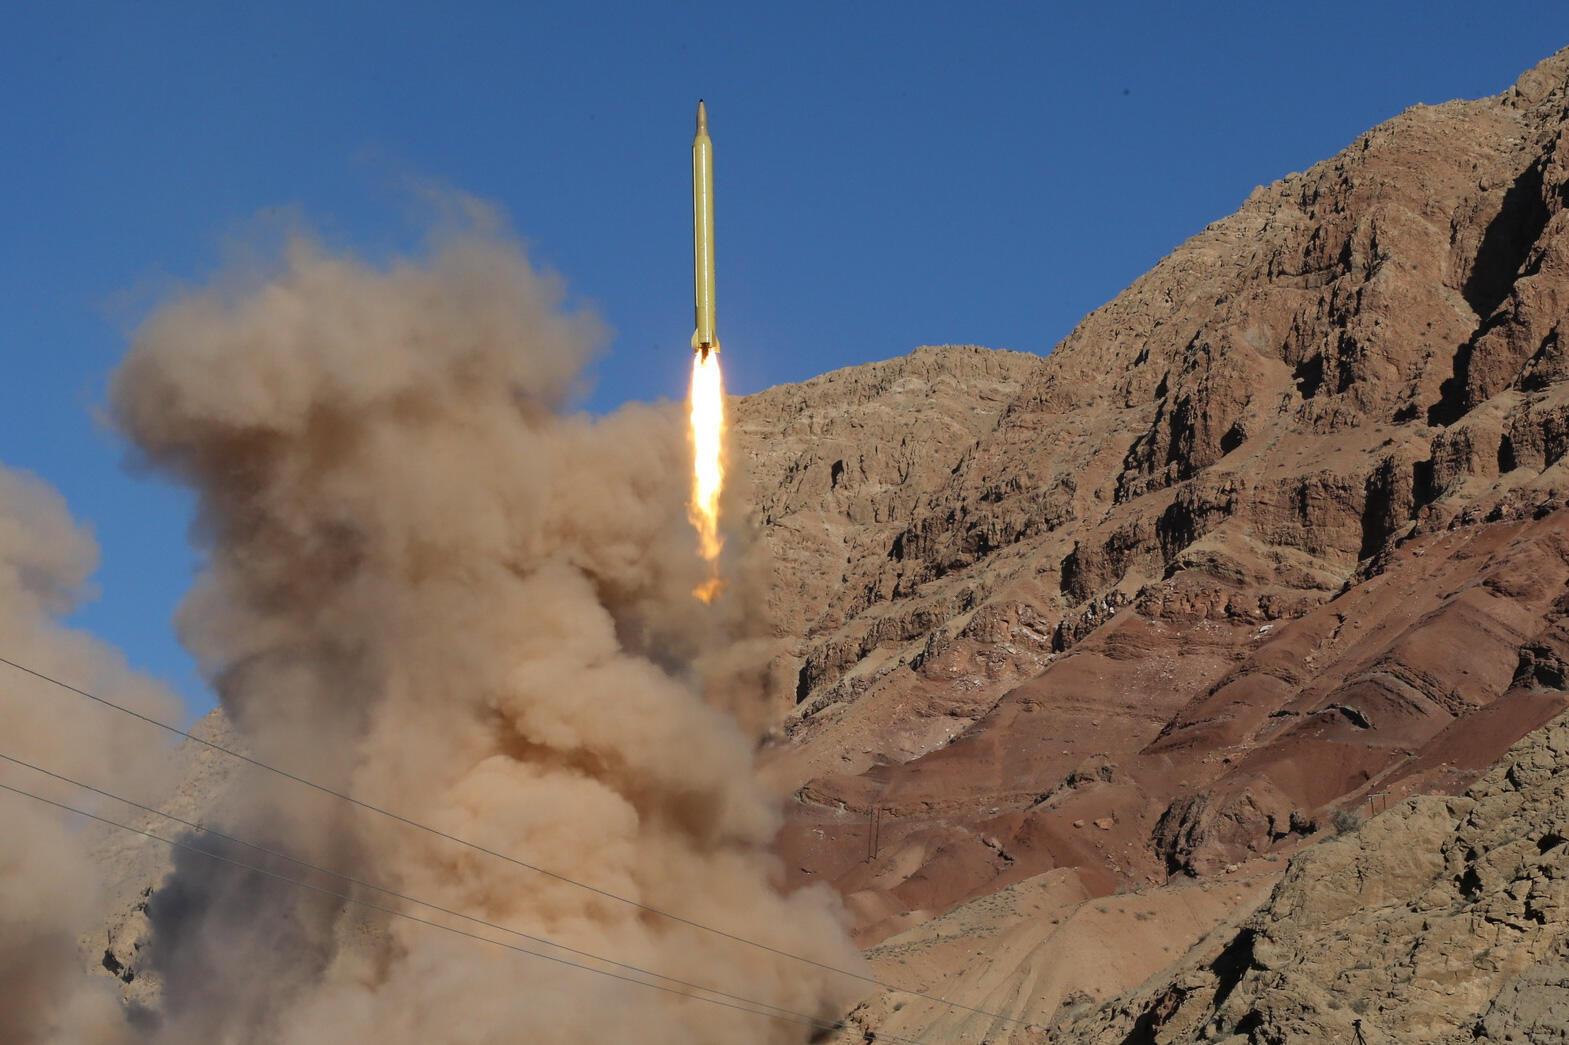 Запуск баллистической ракеты на севере Ирана, 9 марта 2016.